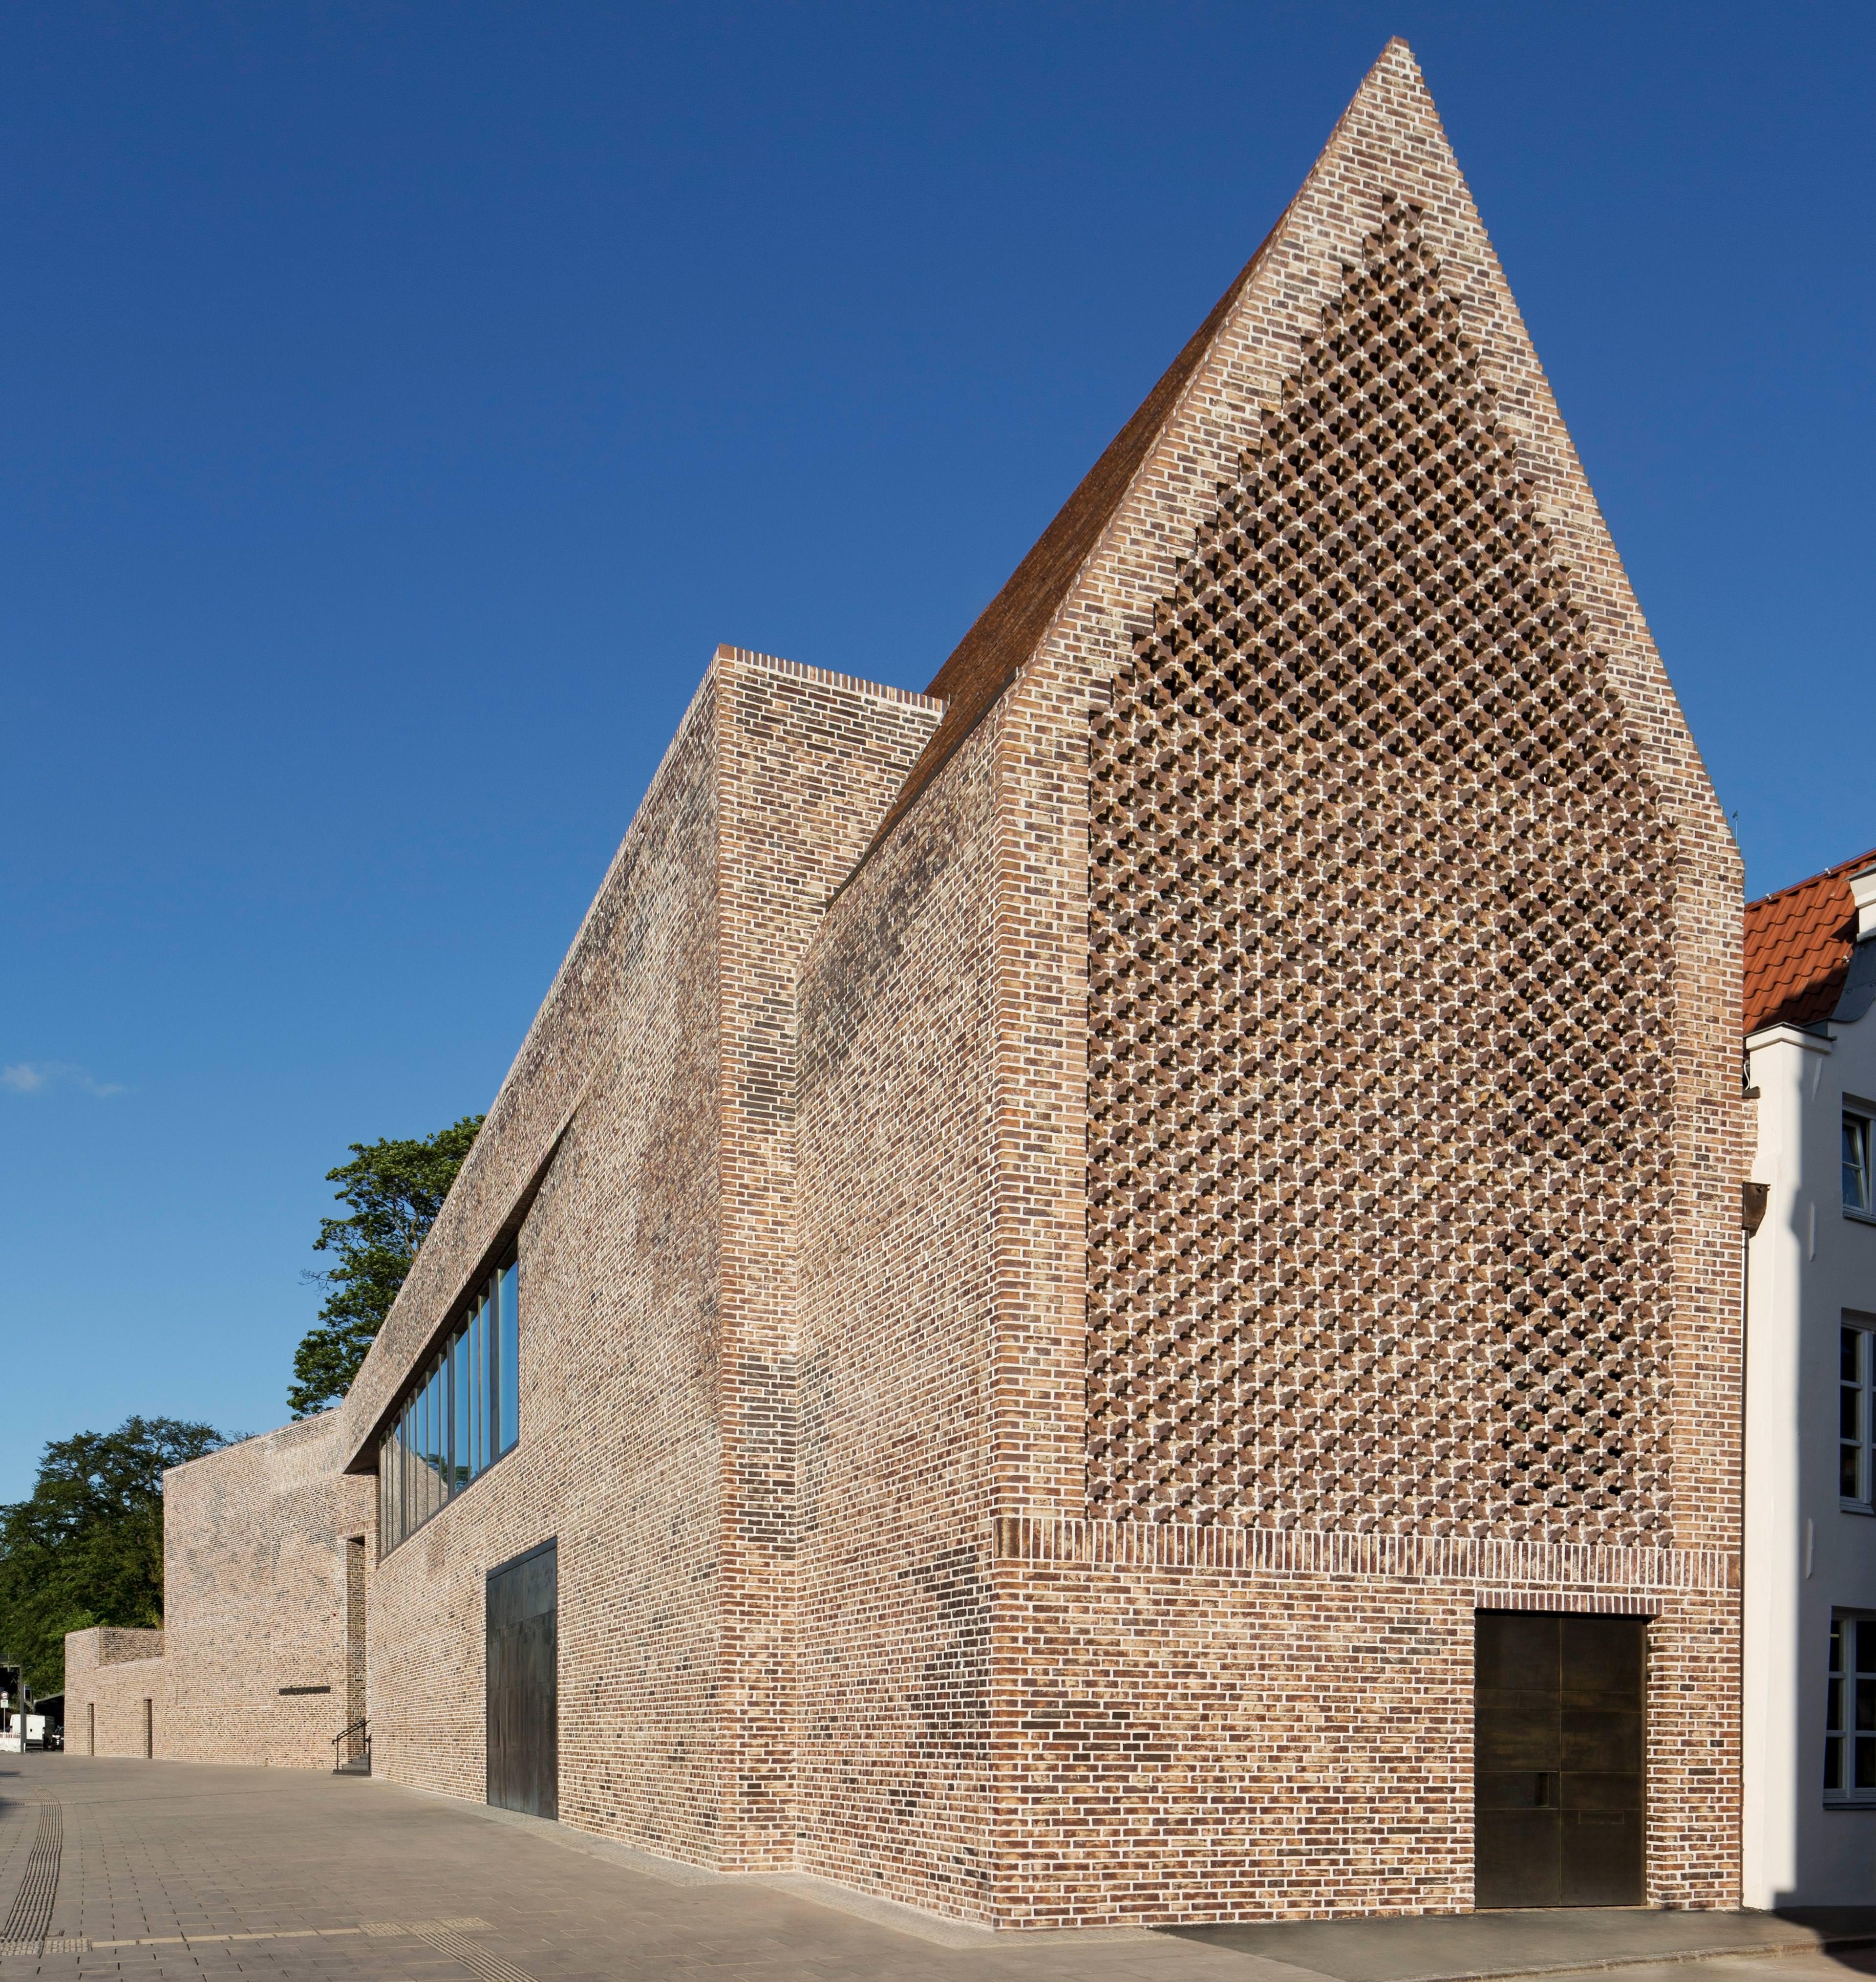 Architekten Lübeck dam preis für architektur in deutschland 2017 geht nach hamburg bzw